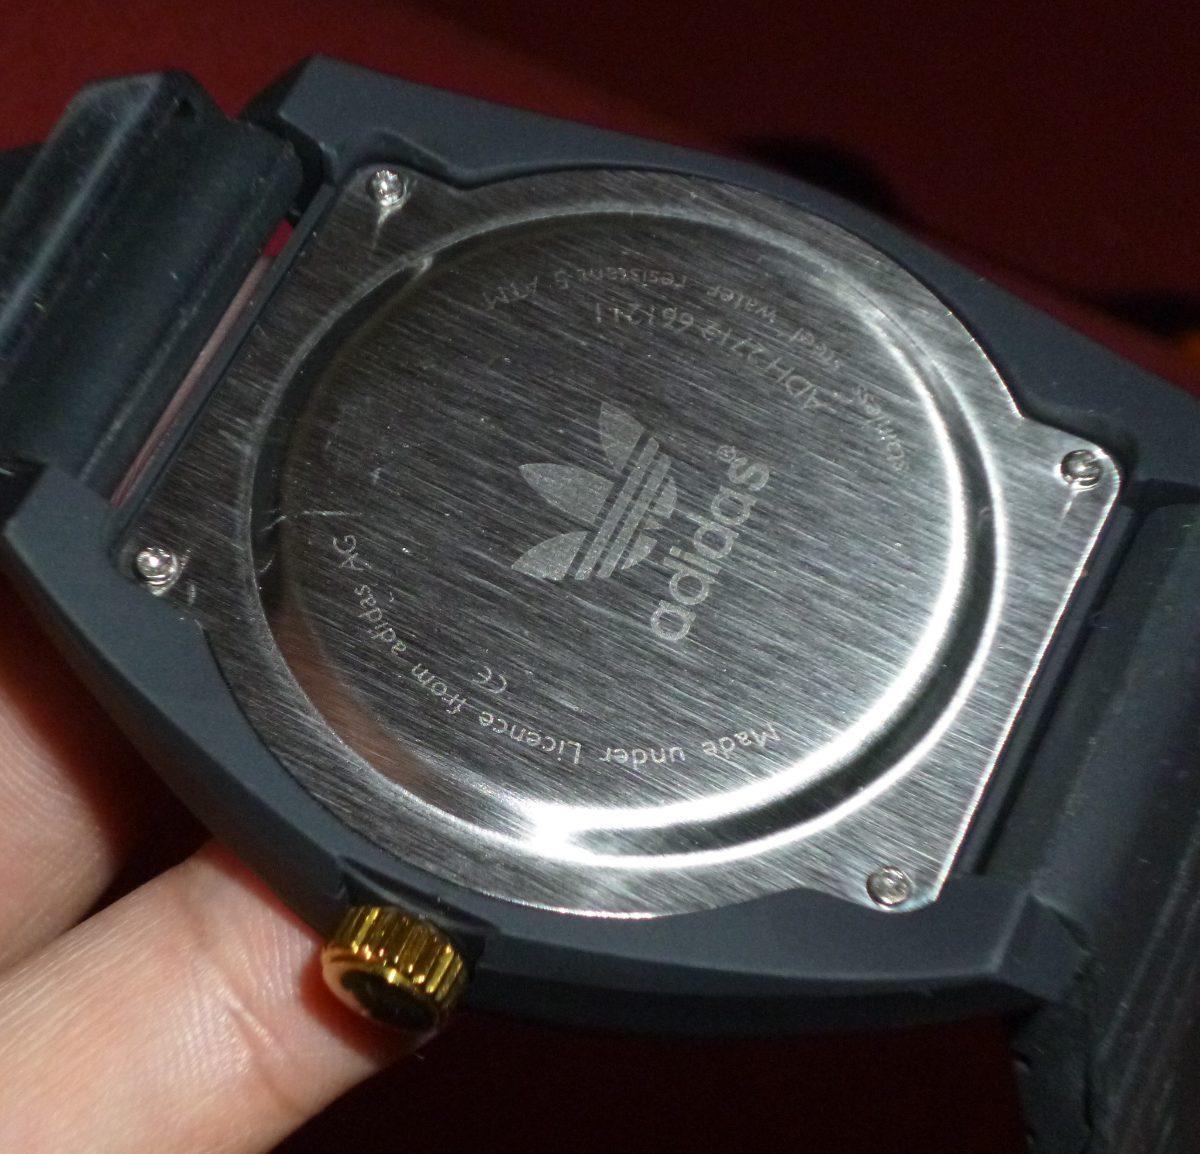 62494fda4df reloj hombre adidas barato excelente negro regalo. Cargando zoom... reloj  hombre adidas. Cargando zoom.